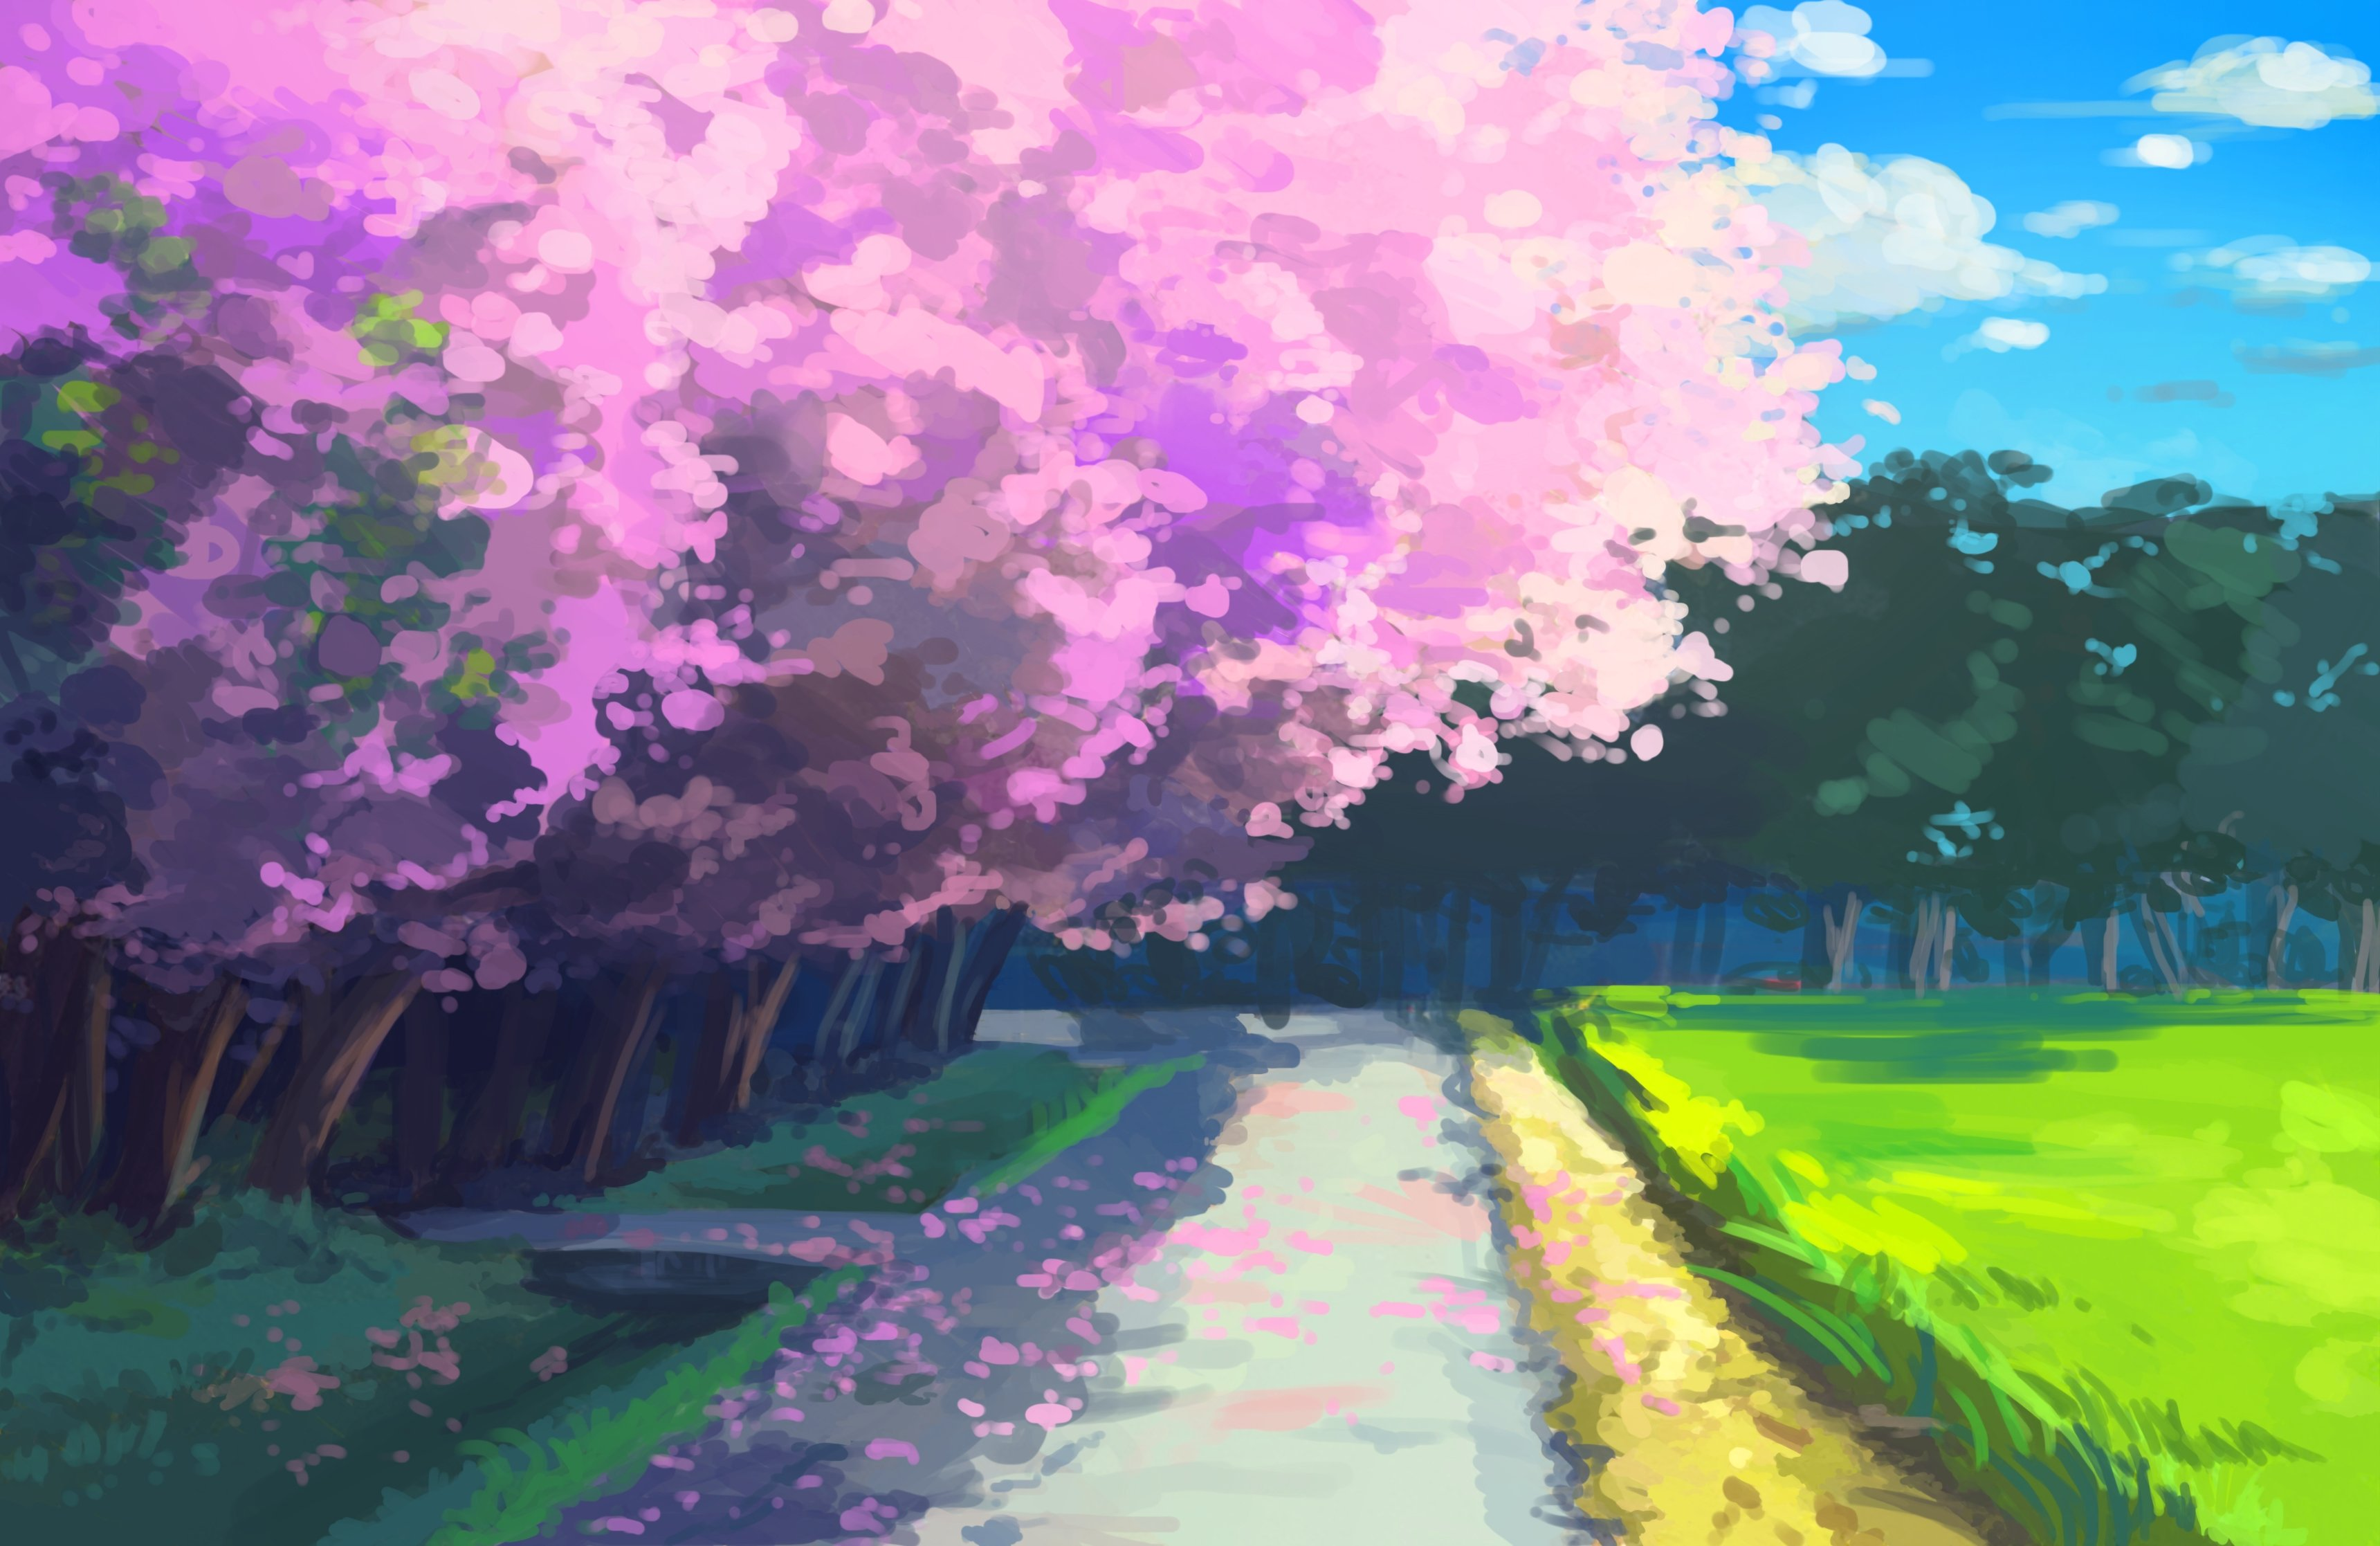 Cherry Blossom original g wallpaper 3440x2234 340714 WallpaperUP 3440x2234